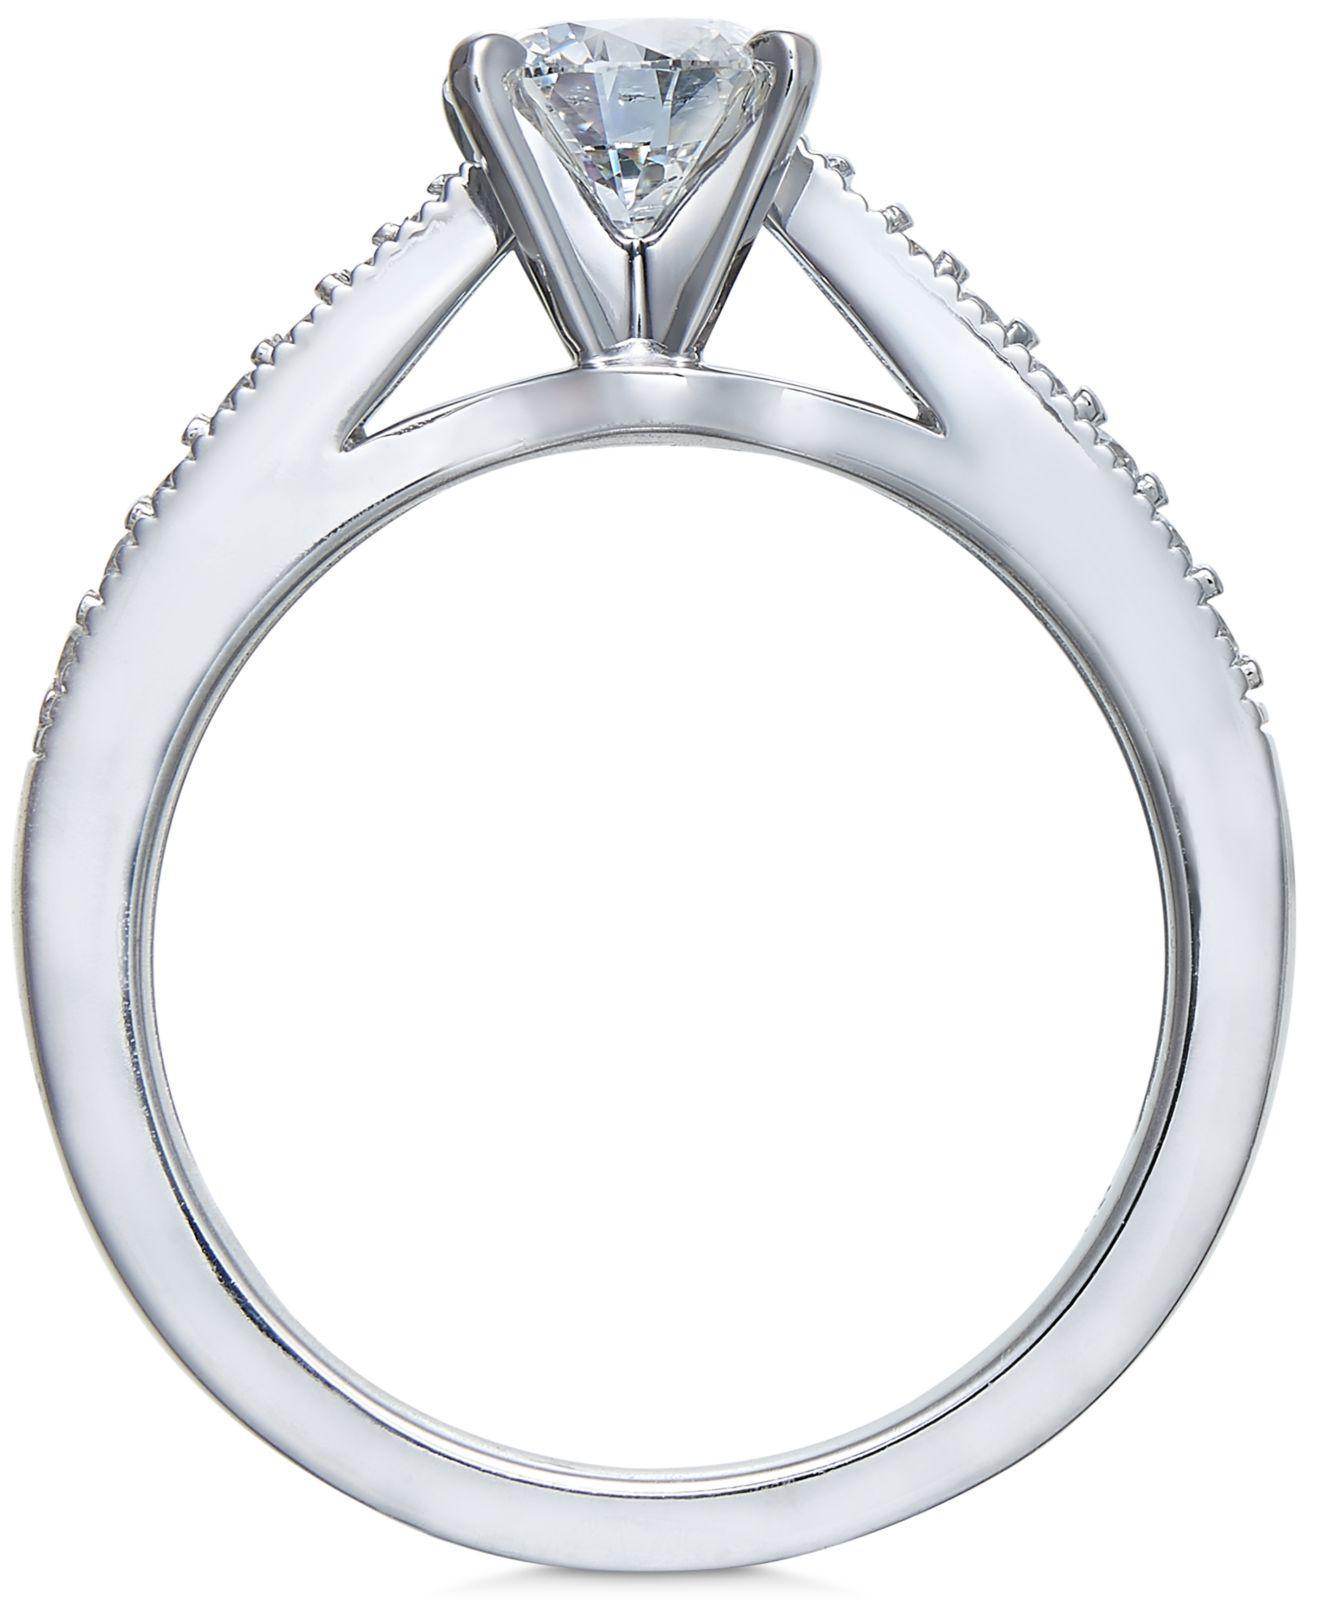 Macy s Diamond Bridal Set 1 Ct T w In 14k White Gold in White